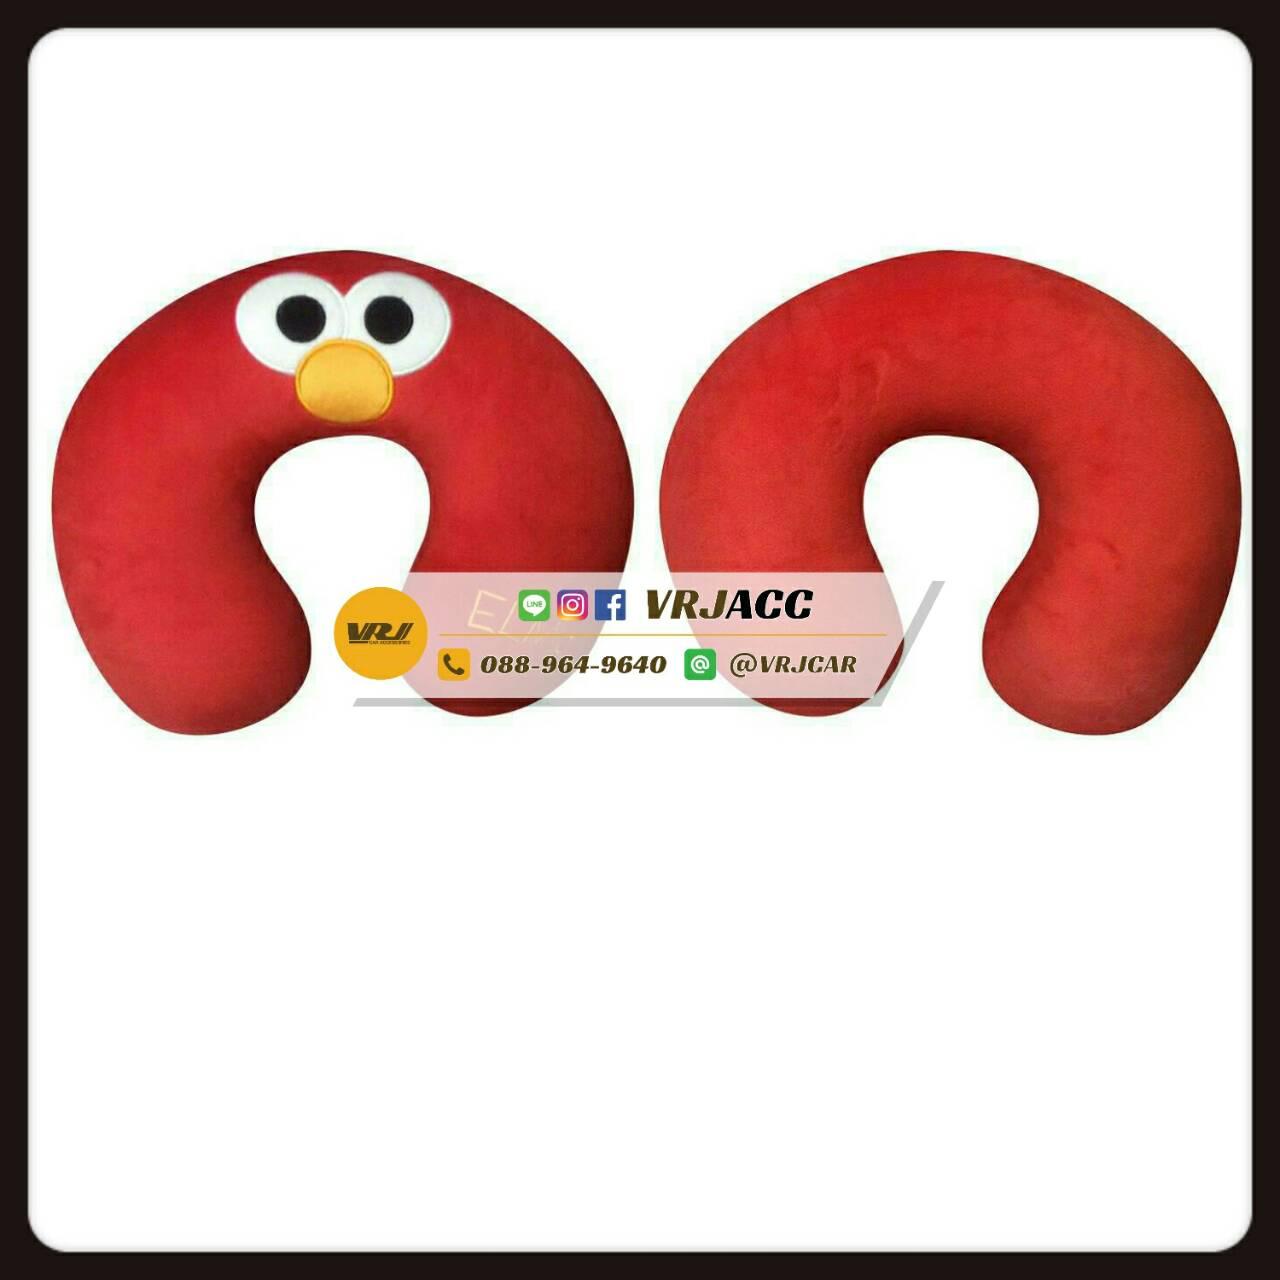 หมอนรองคอ ตัวยู คุกกี้มอนสเตอร์ เอลโม่ สีแดง Sesame Street cookie monster